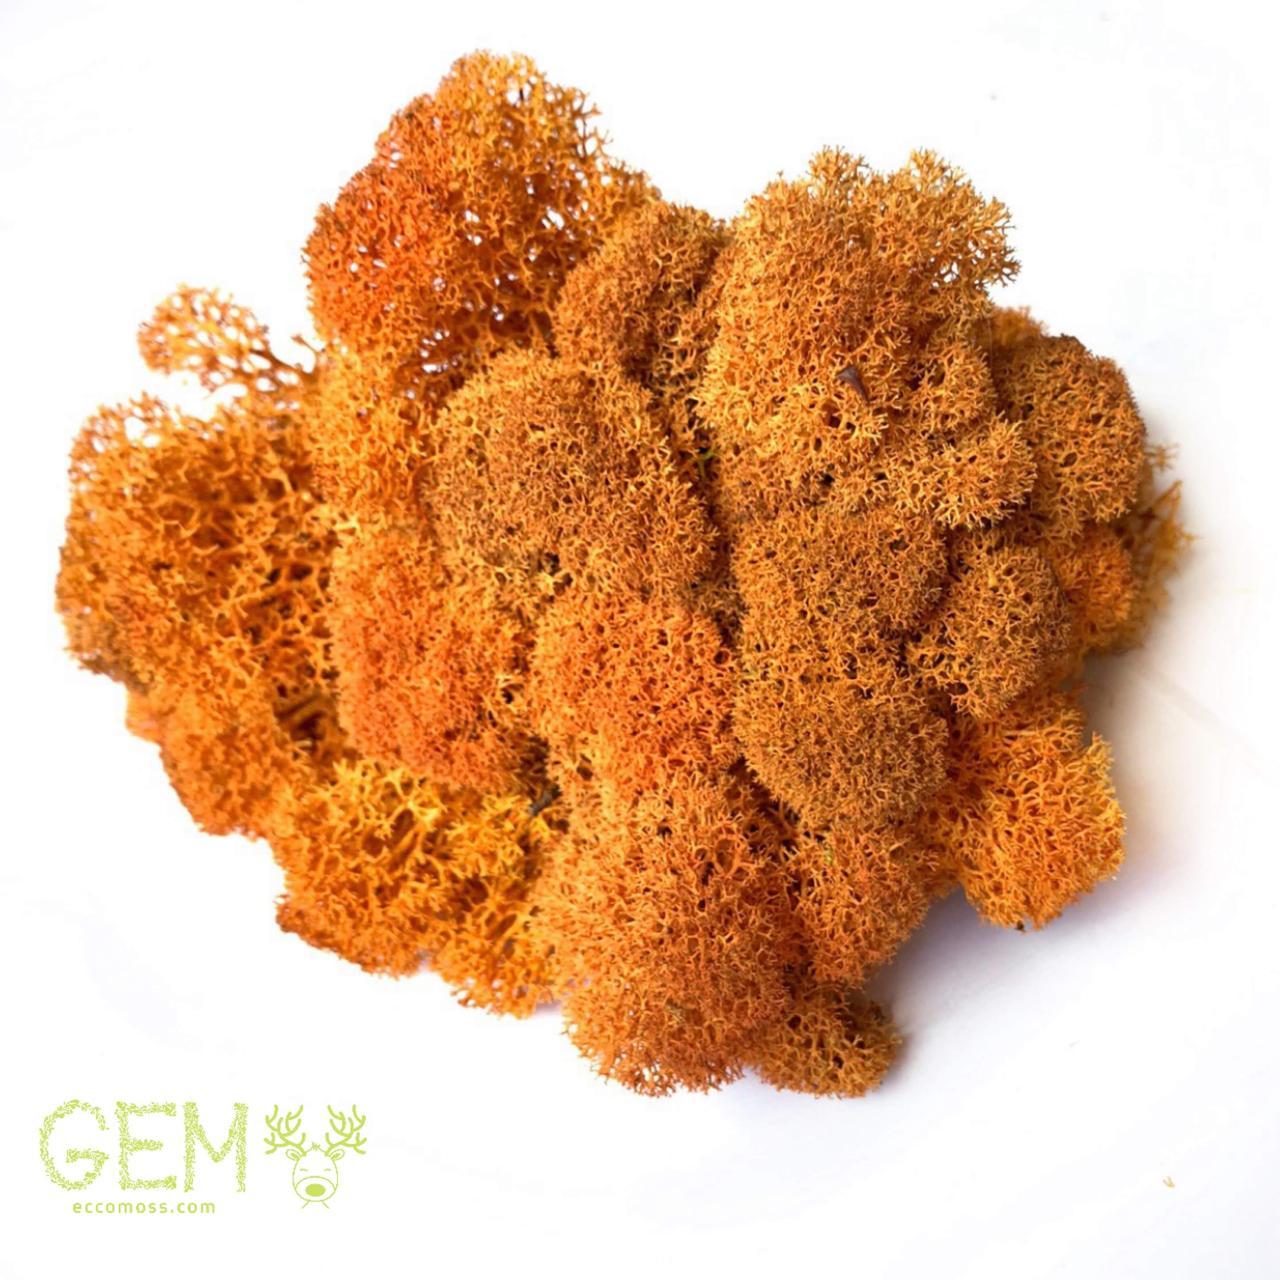 Очищений стабилизированный мох  Green Ecco Moss cкандинавский ягель оранжевый 4 кг